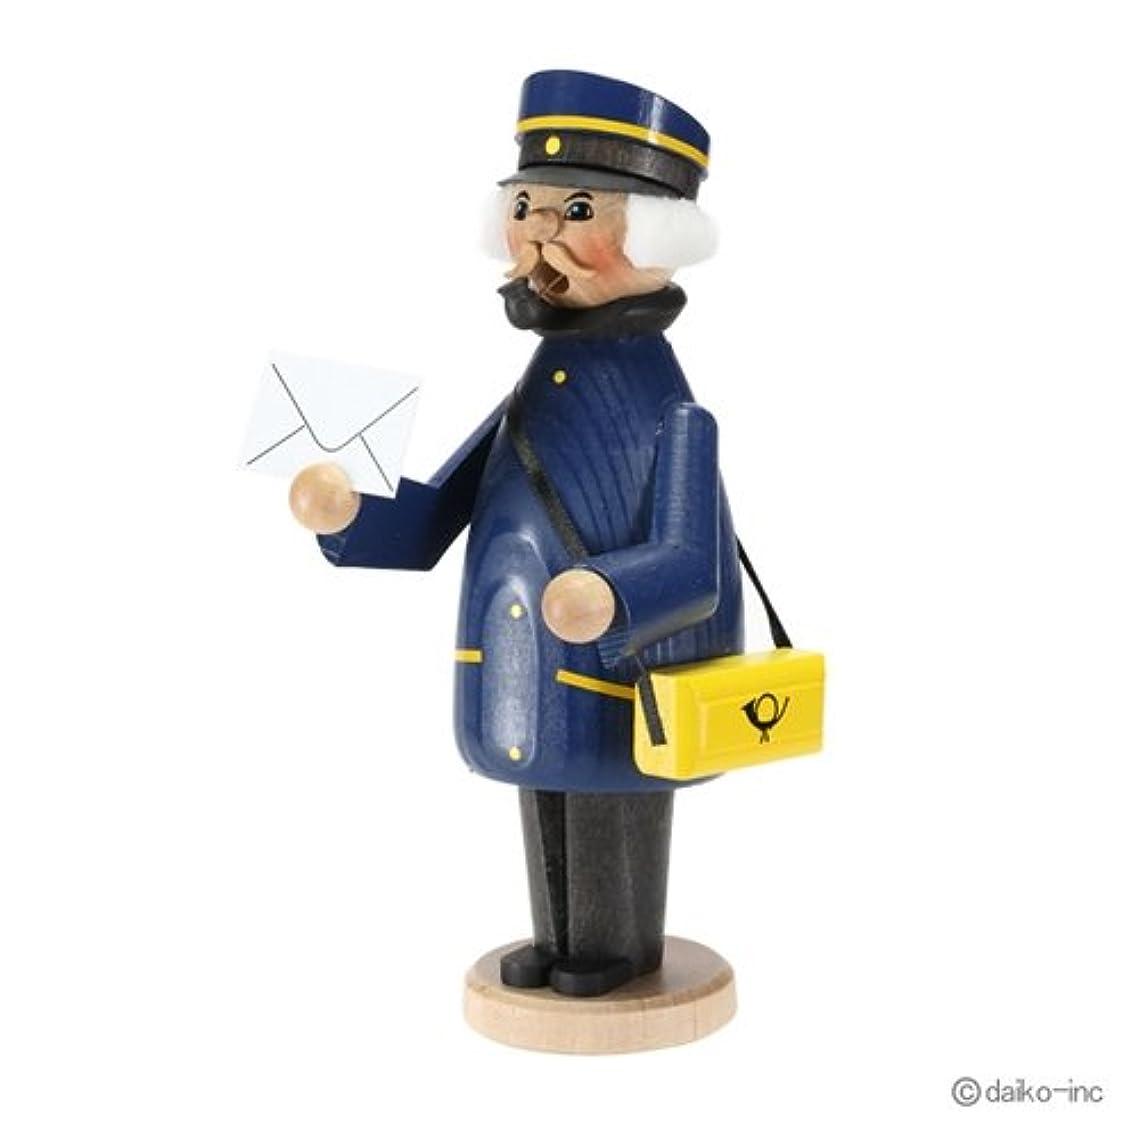 暗殺者飾る送料クーネルト kuhnert ミニパイプ人形香炉 郵便配達員